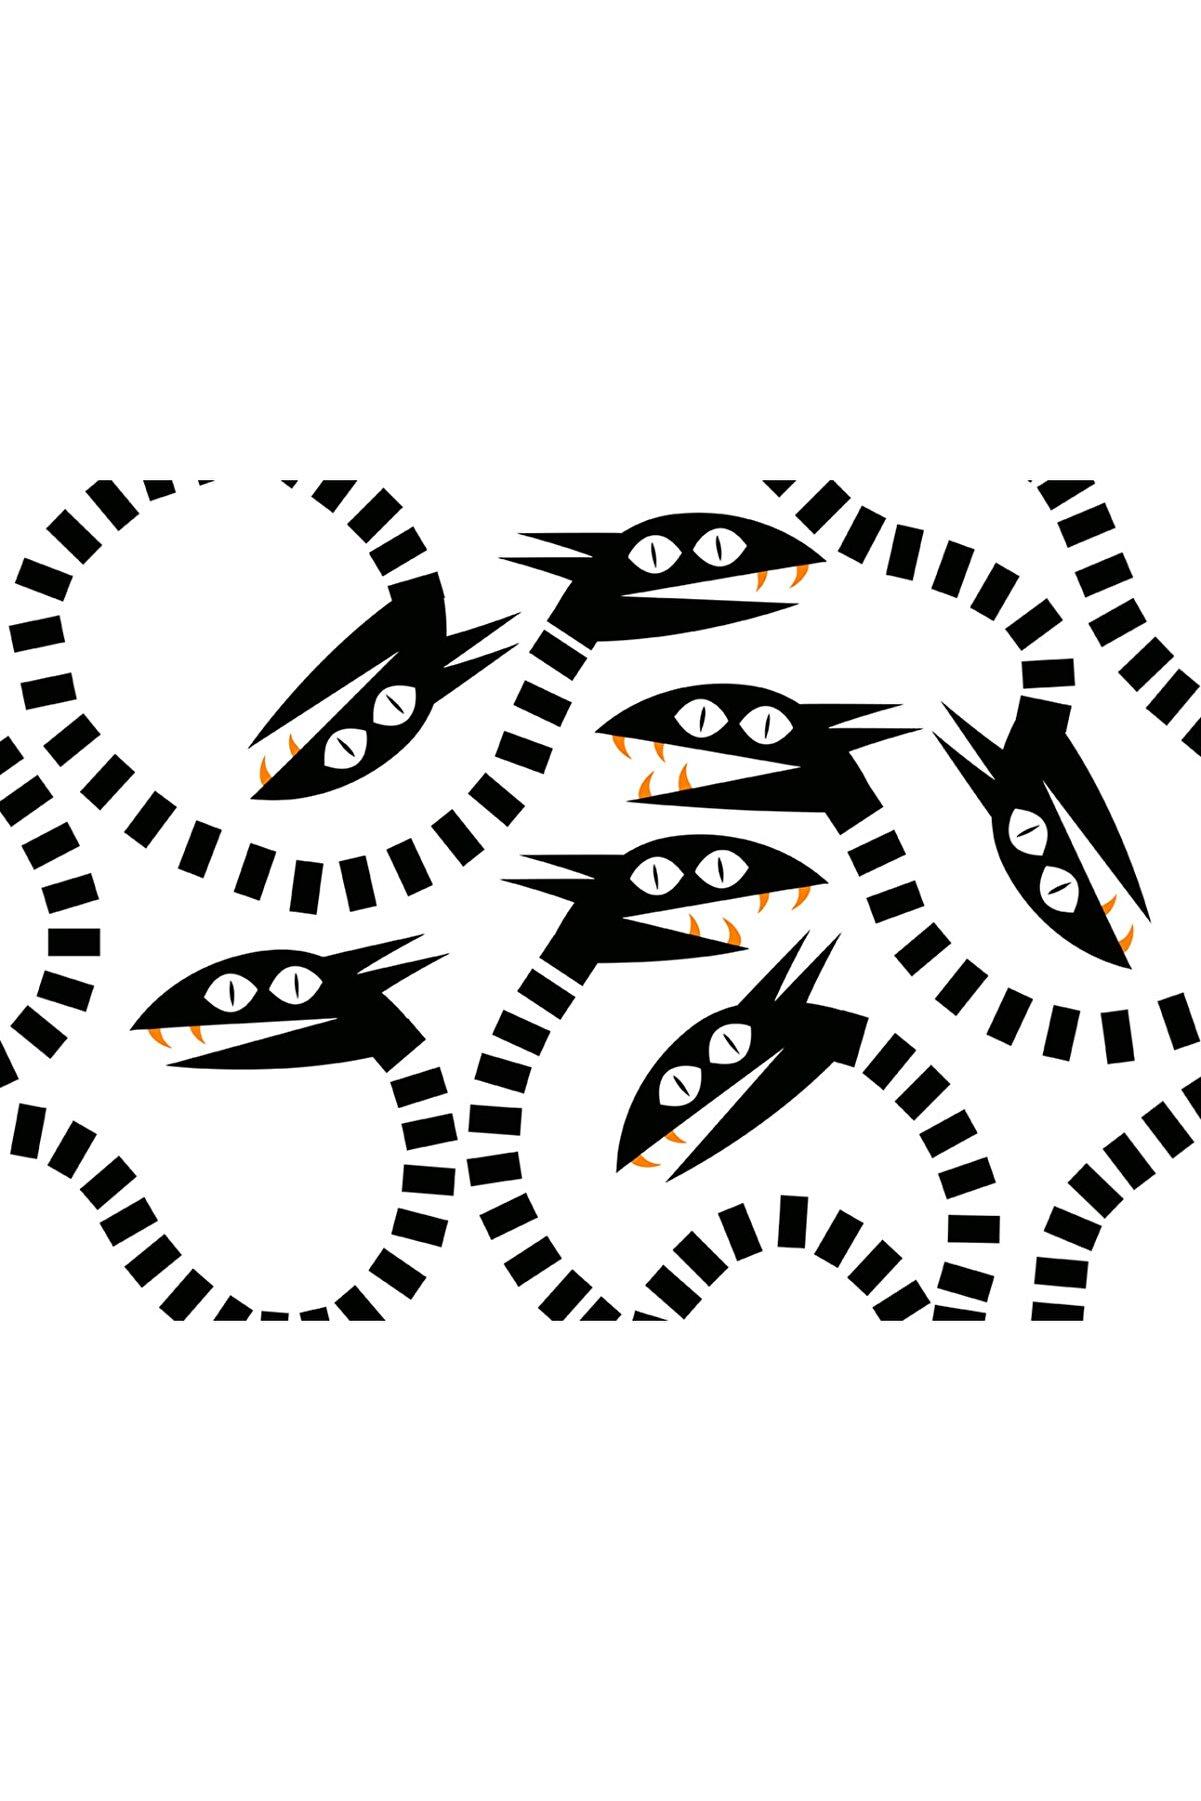 Olgun Kaşıkçı Snakes, 35x50, Dijital Ilüstrasyon, Dokulu Kağıt